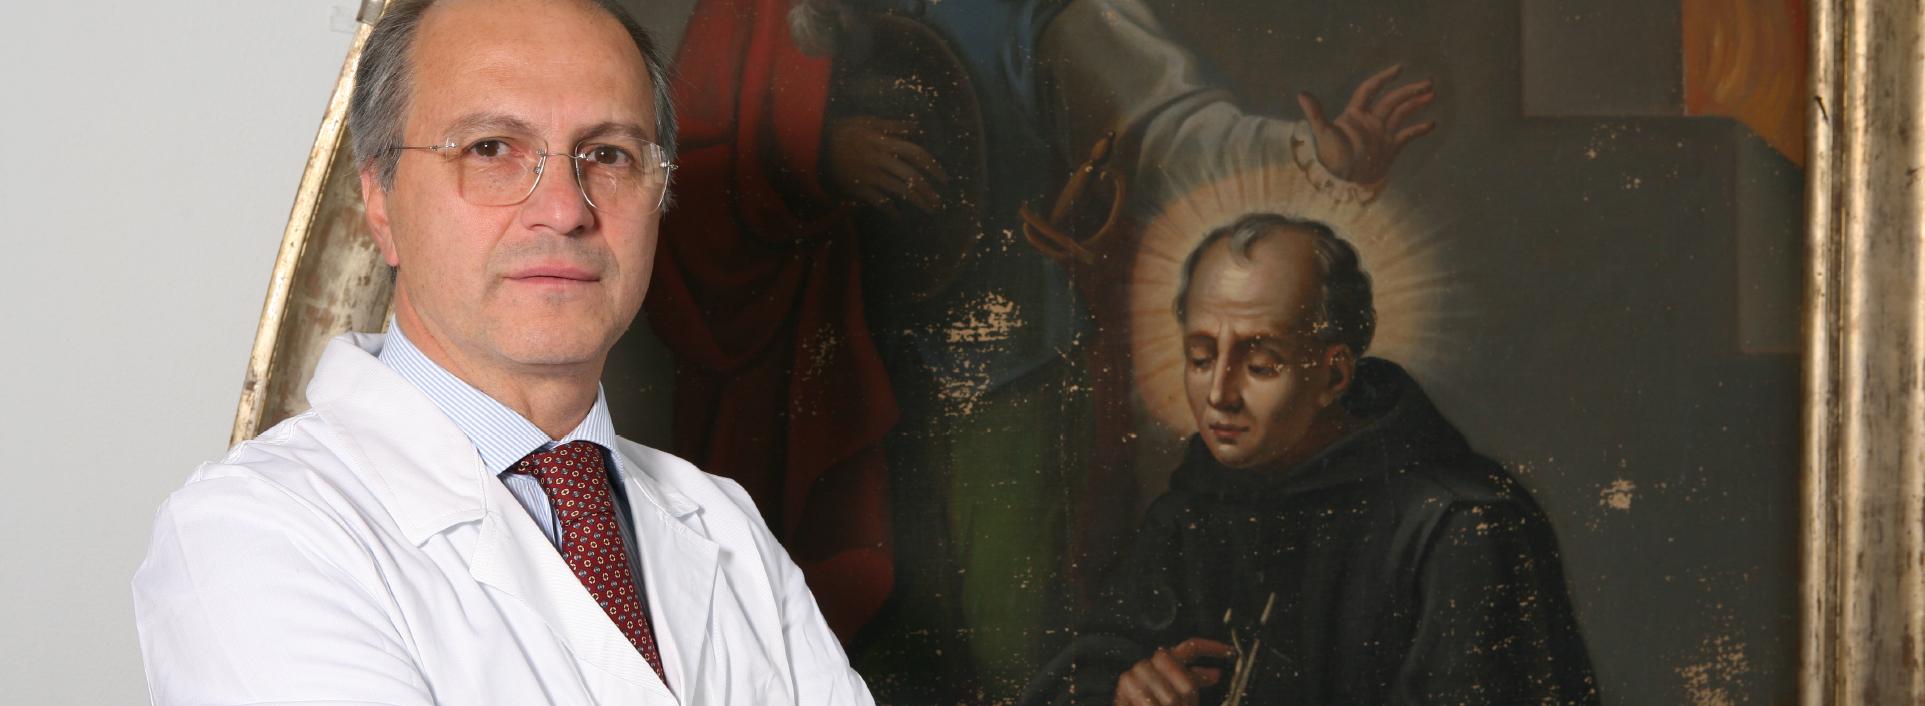 Dottor Giancarlo Accarino - Direttore del reparto di chirurgia vascolare dell'ospedale San Giovanni di Dio e Ruggi d'Aragona di Salerno